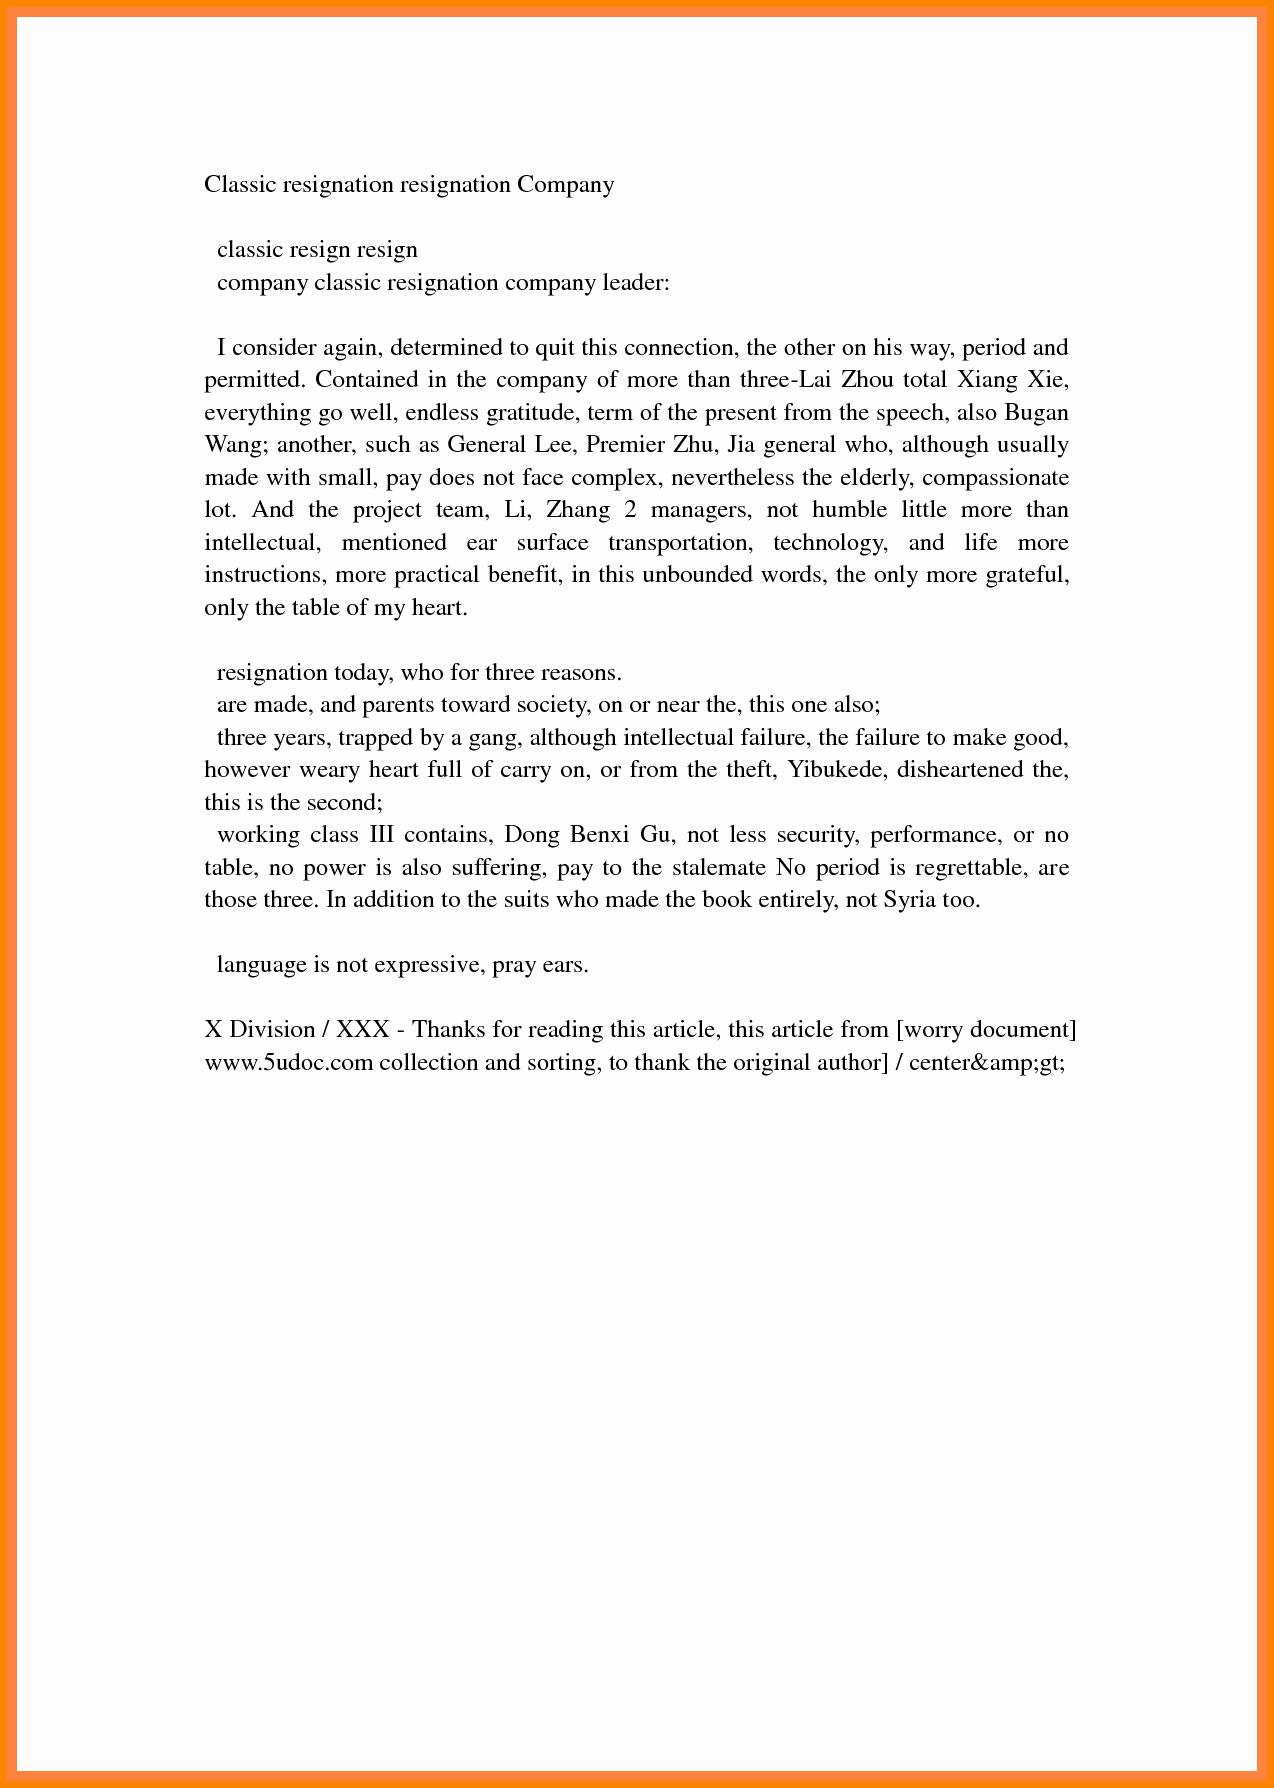 Resignation Letter Effective Immediately Luxury 7 Effective Resignation Letter